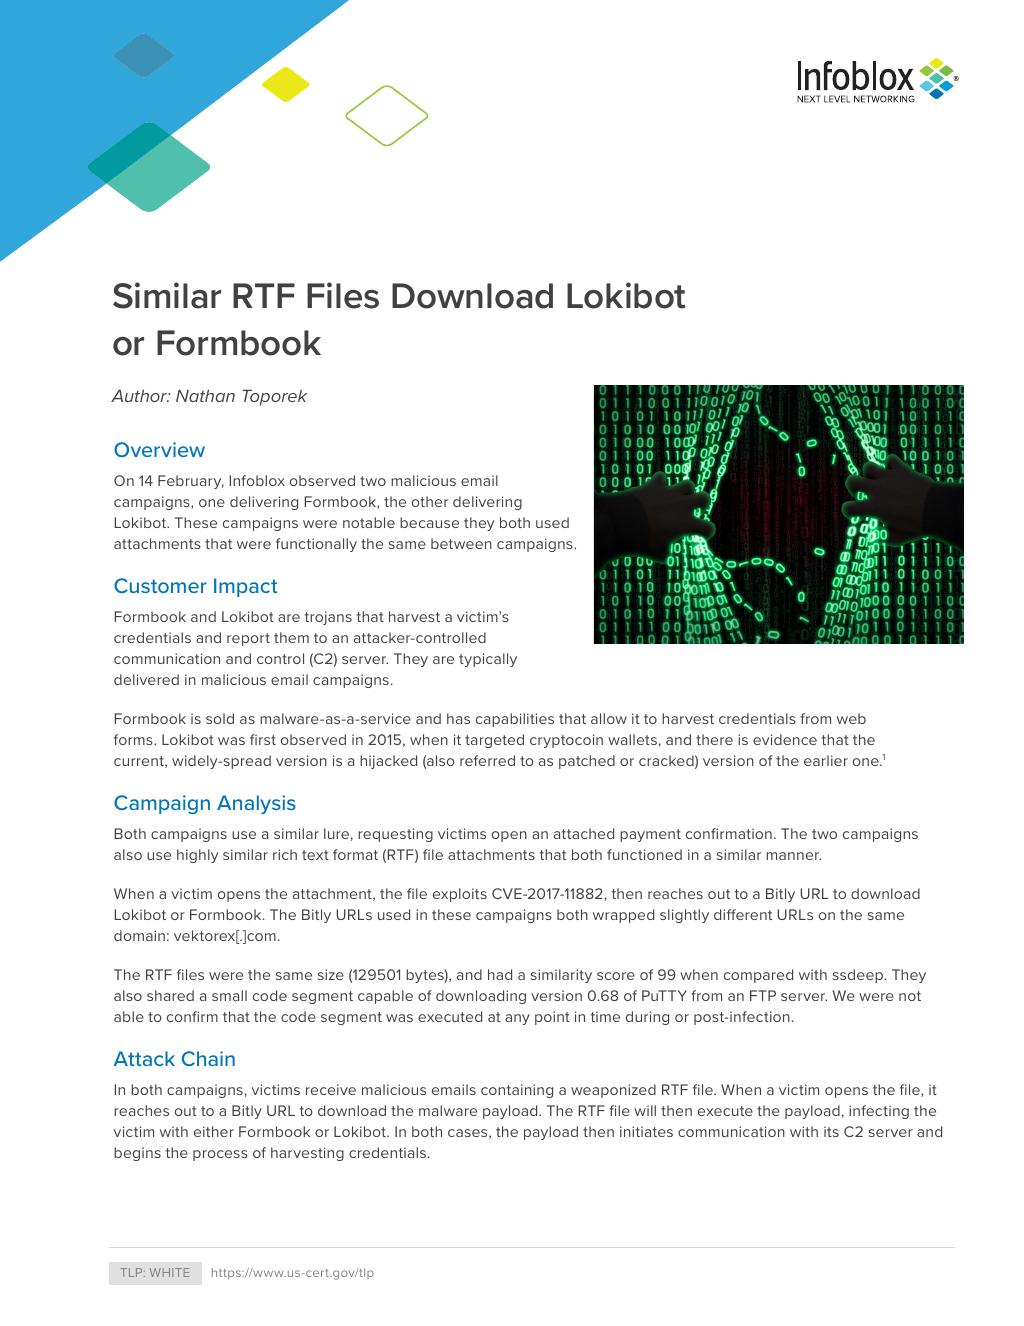 Similar RTF Files Download Lokibot Or Formbook - 20190220